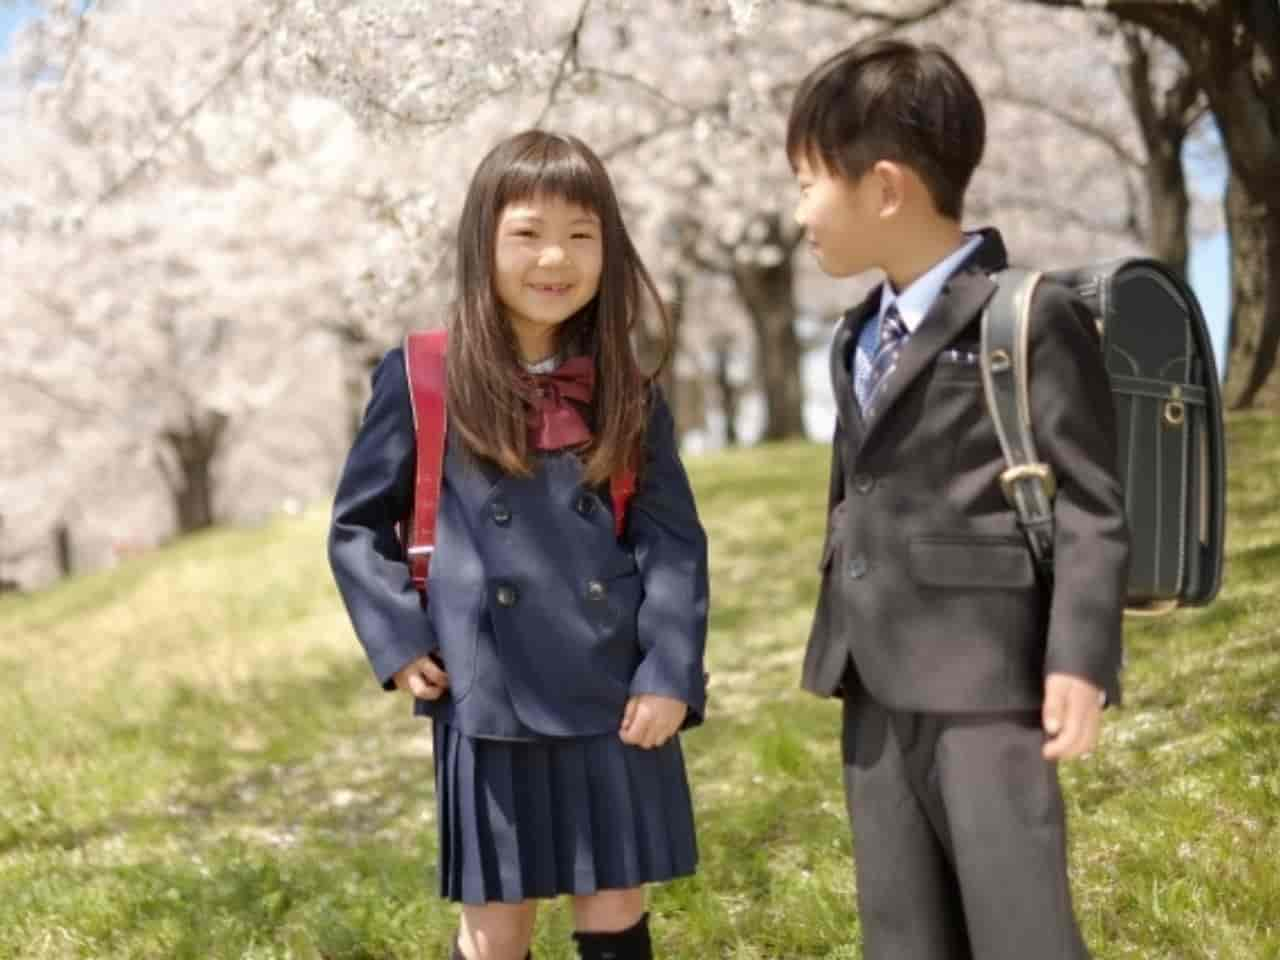 満開の桜の下で新入学を迎えるランドセルを背負った男の子と女の子